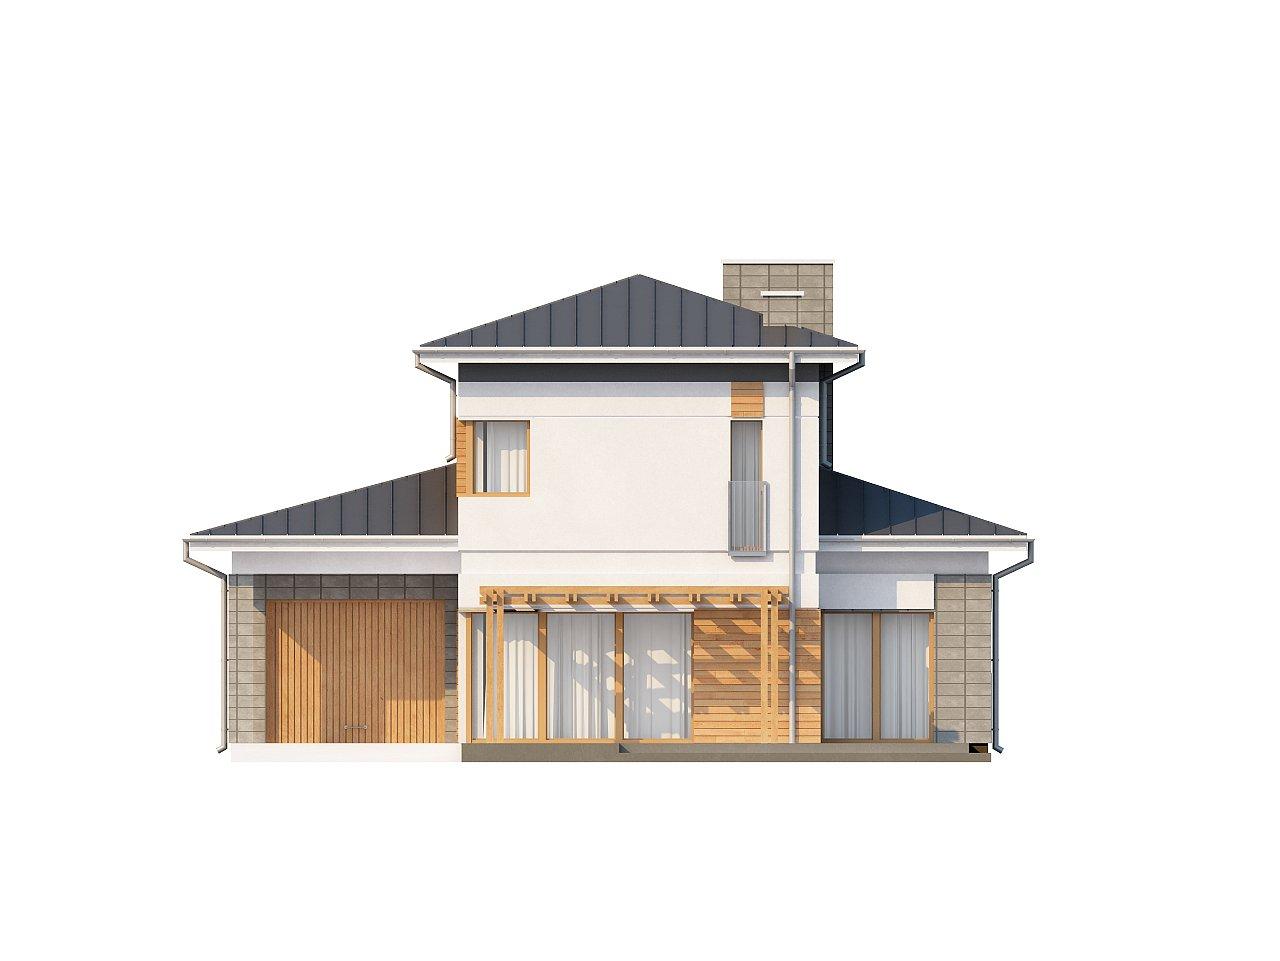 Проект удобного двухэтажного дома в стиле модерн с боковым гаражом. - фото 3